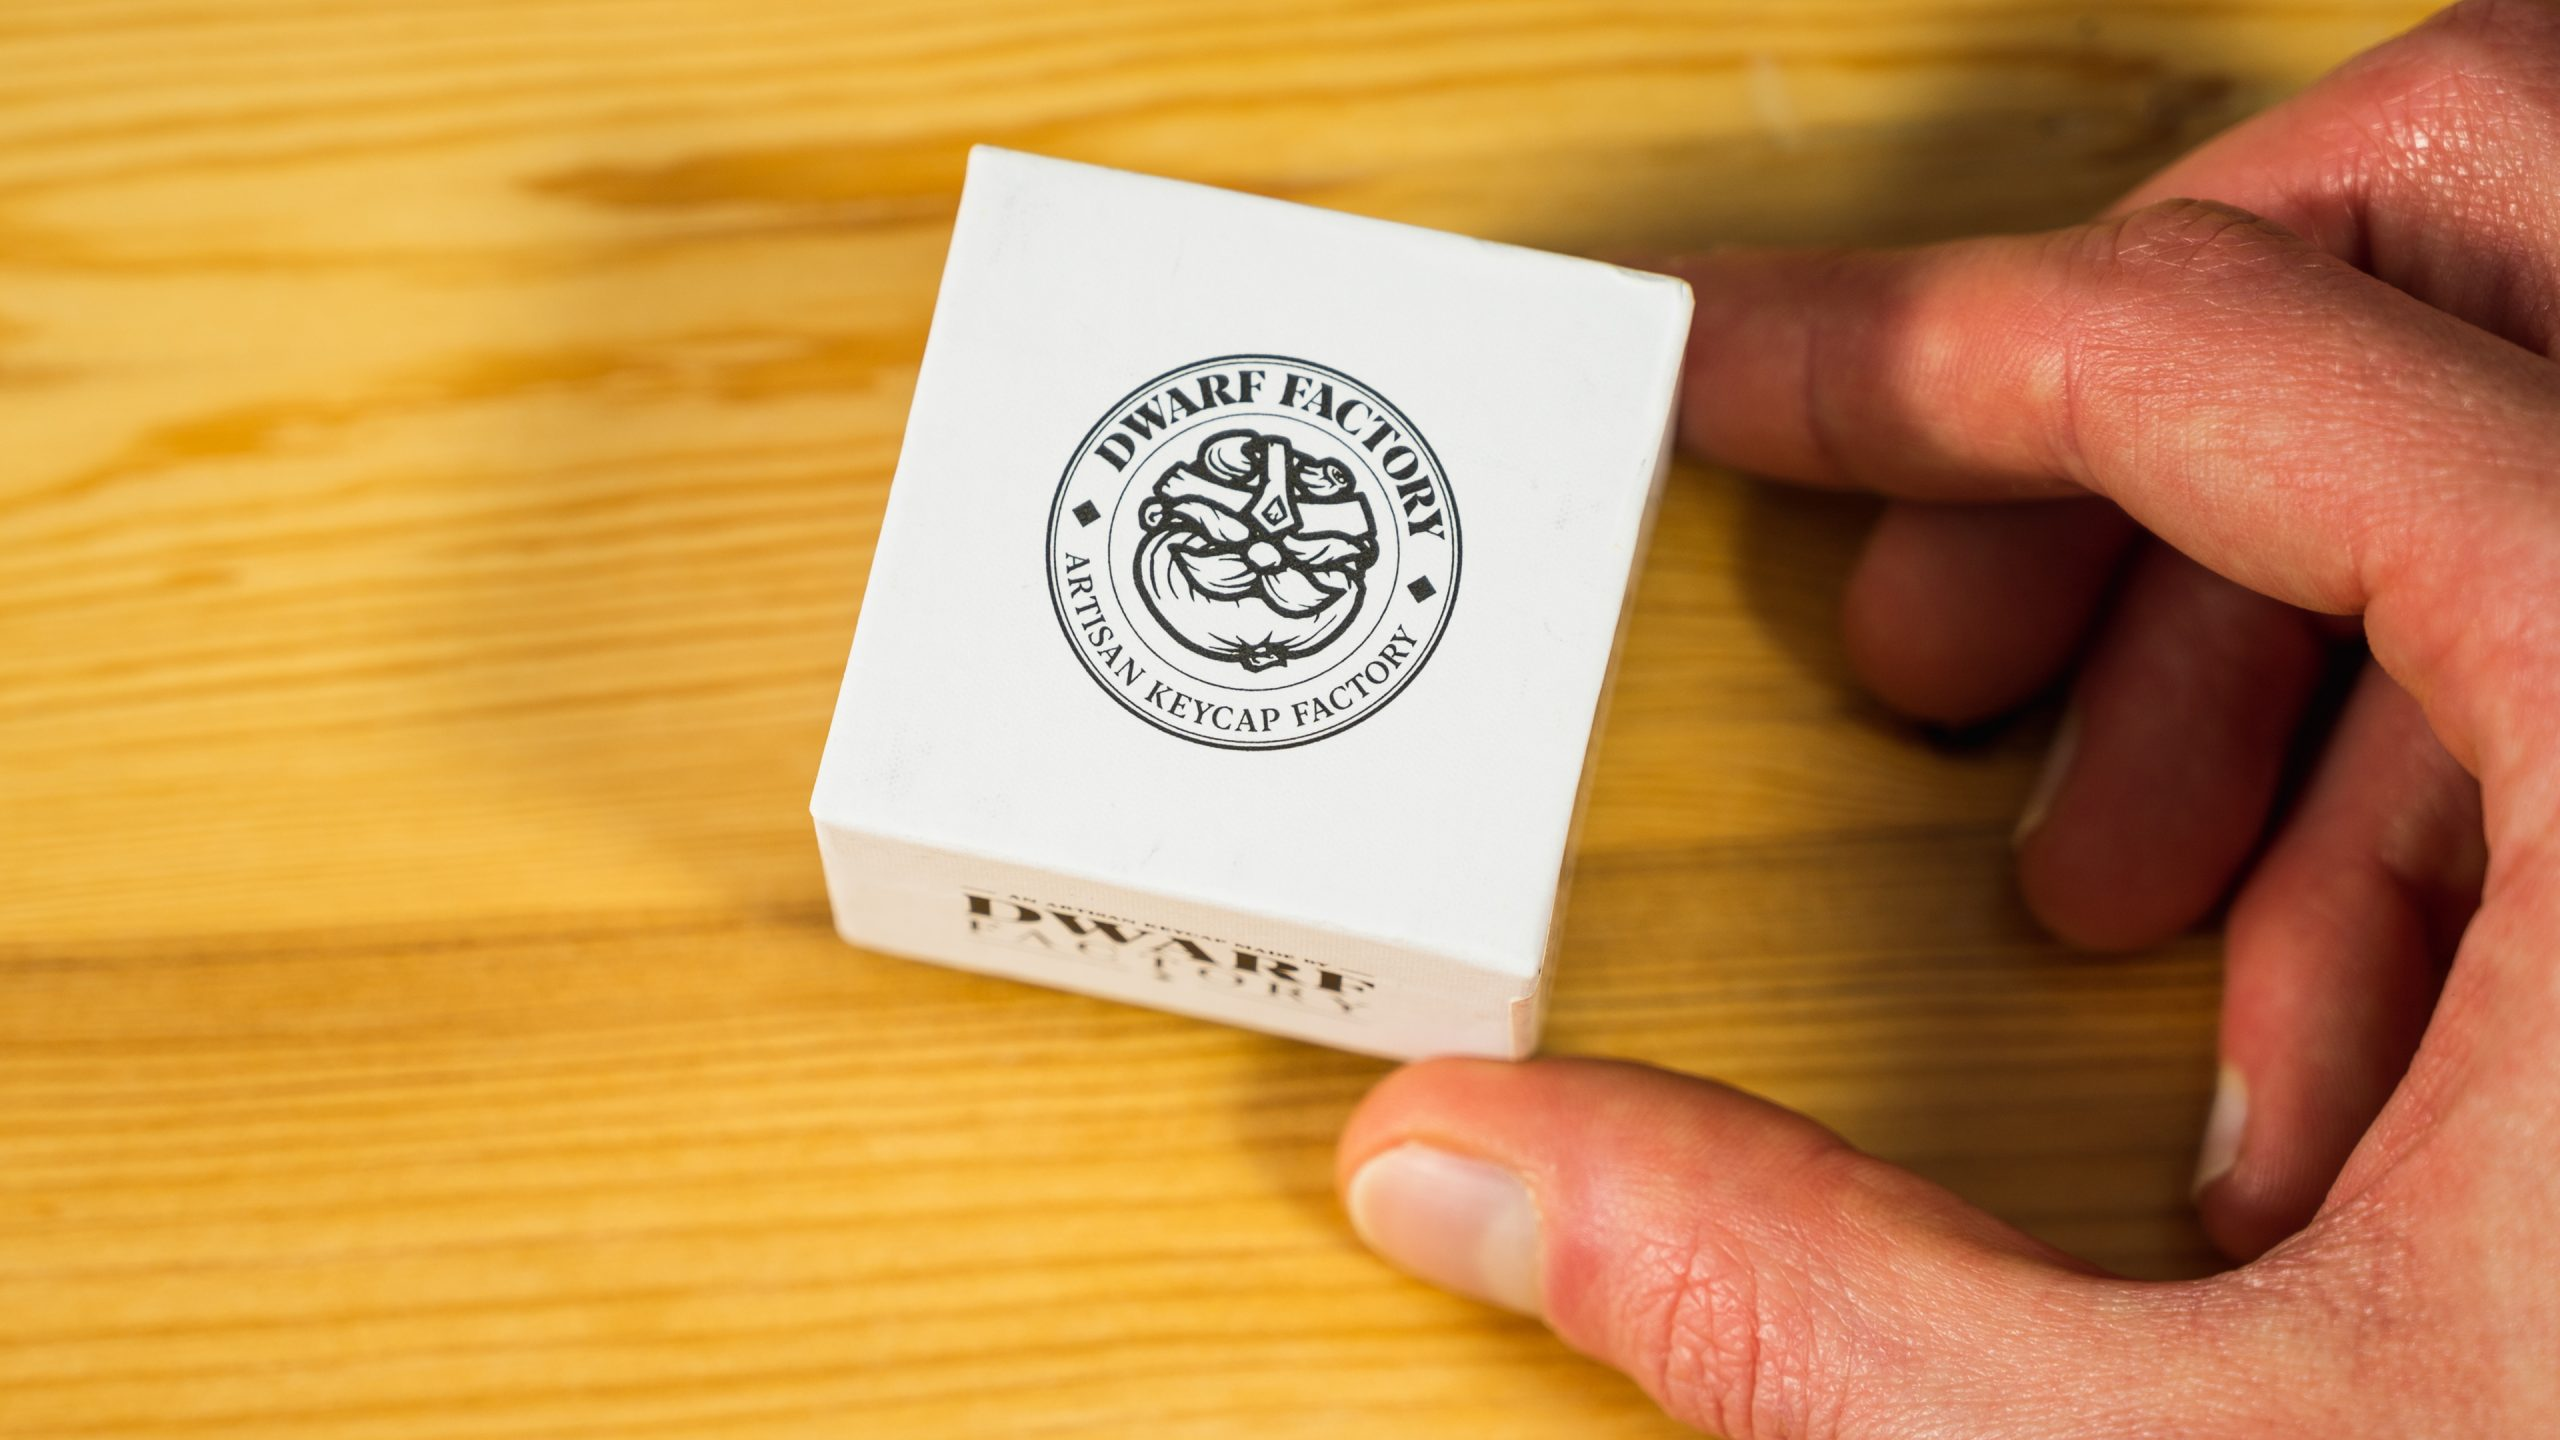 Bovenaanzicht van het Dwarf Factory-doosje, bedoeld voor custom keycaps.